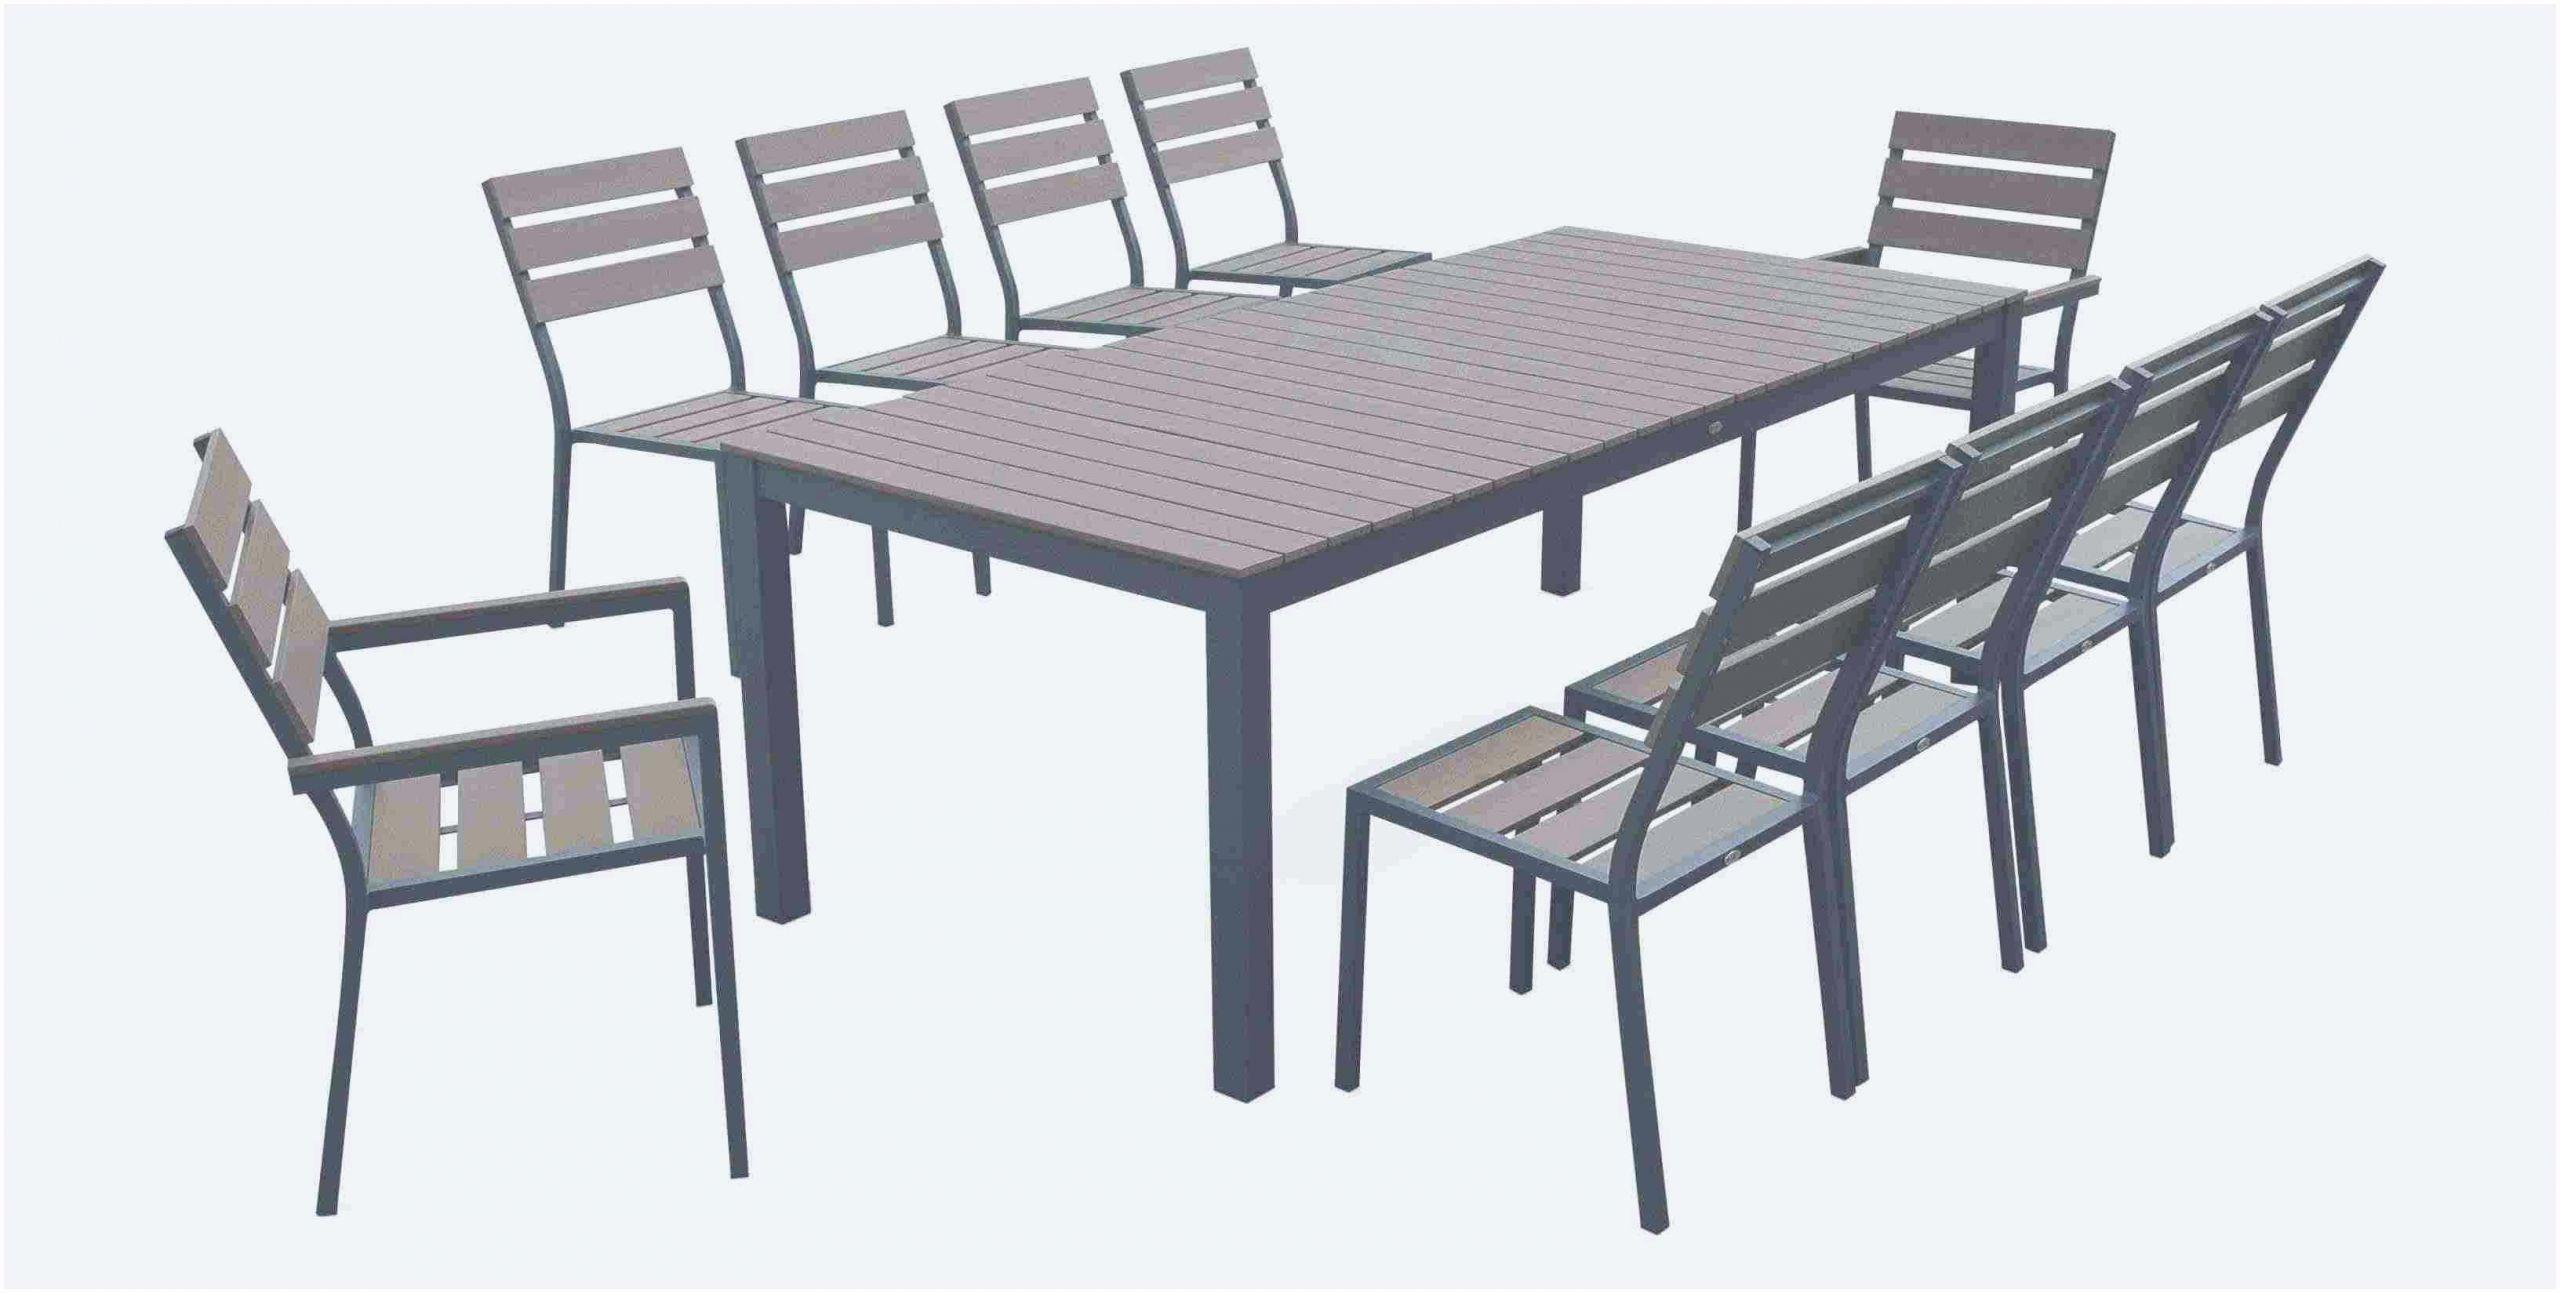 table contemporaine bois et metal photo de luxe table cuisine bois massif frais fauteuil salon 0d archives of table contemporaine bois et metal